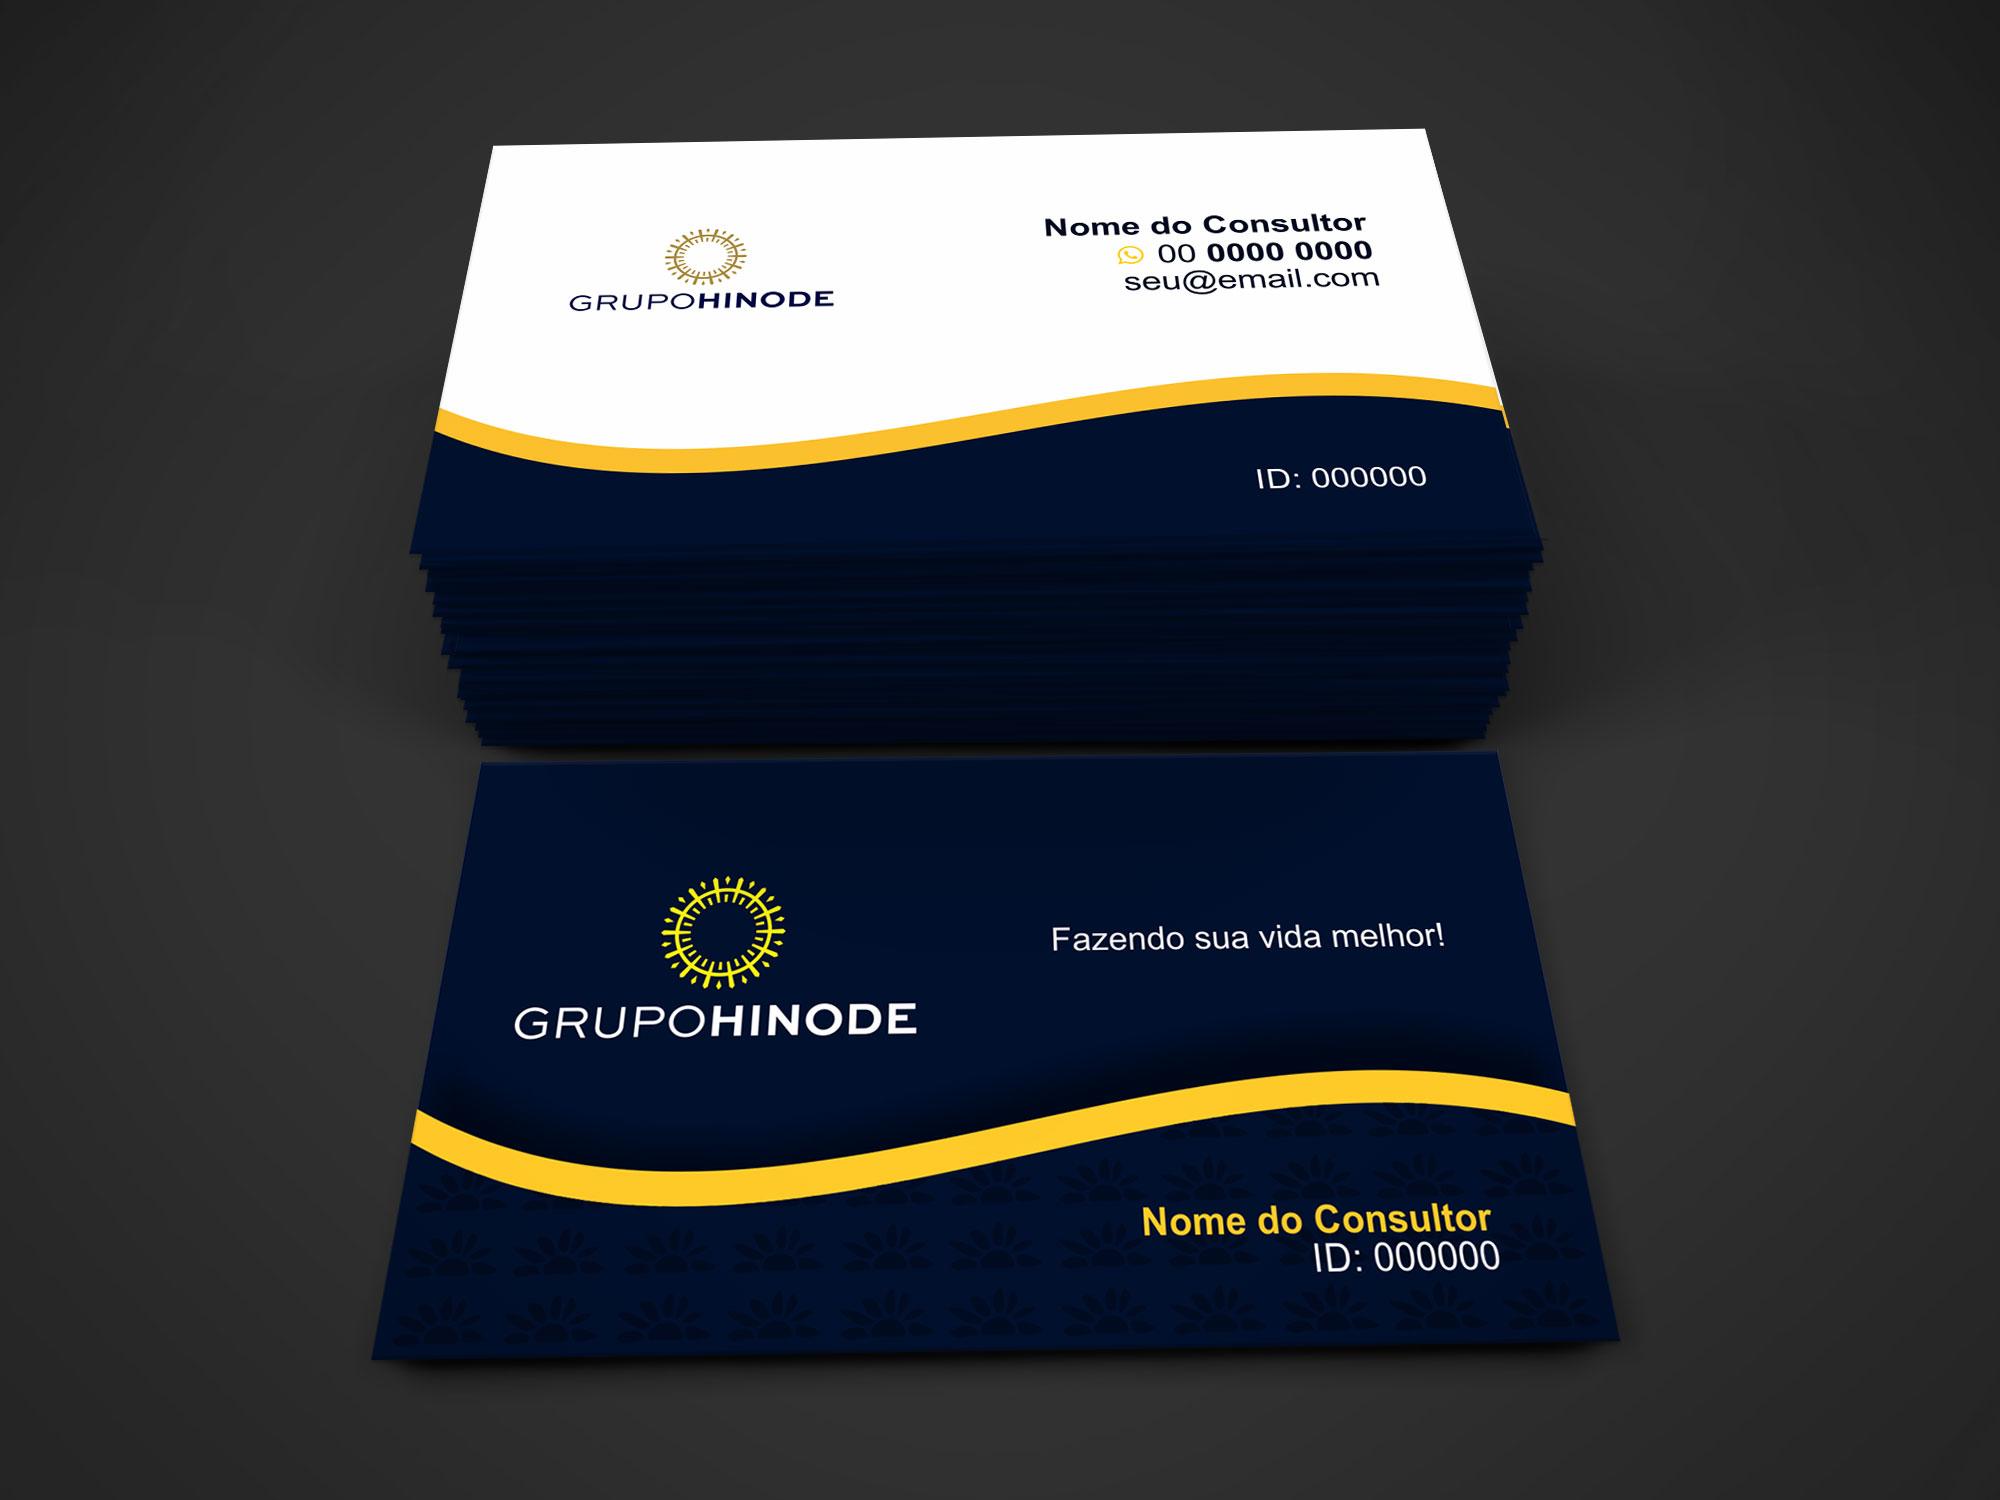 Faça uso do cartão de visita da Hinode agora, edite e mande imprimir em uma gráfica de qualidade.